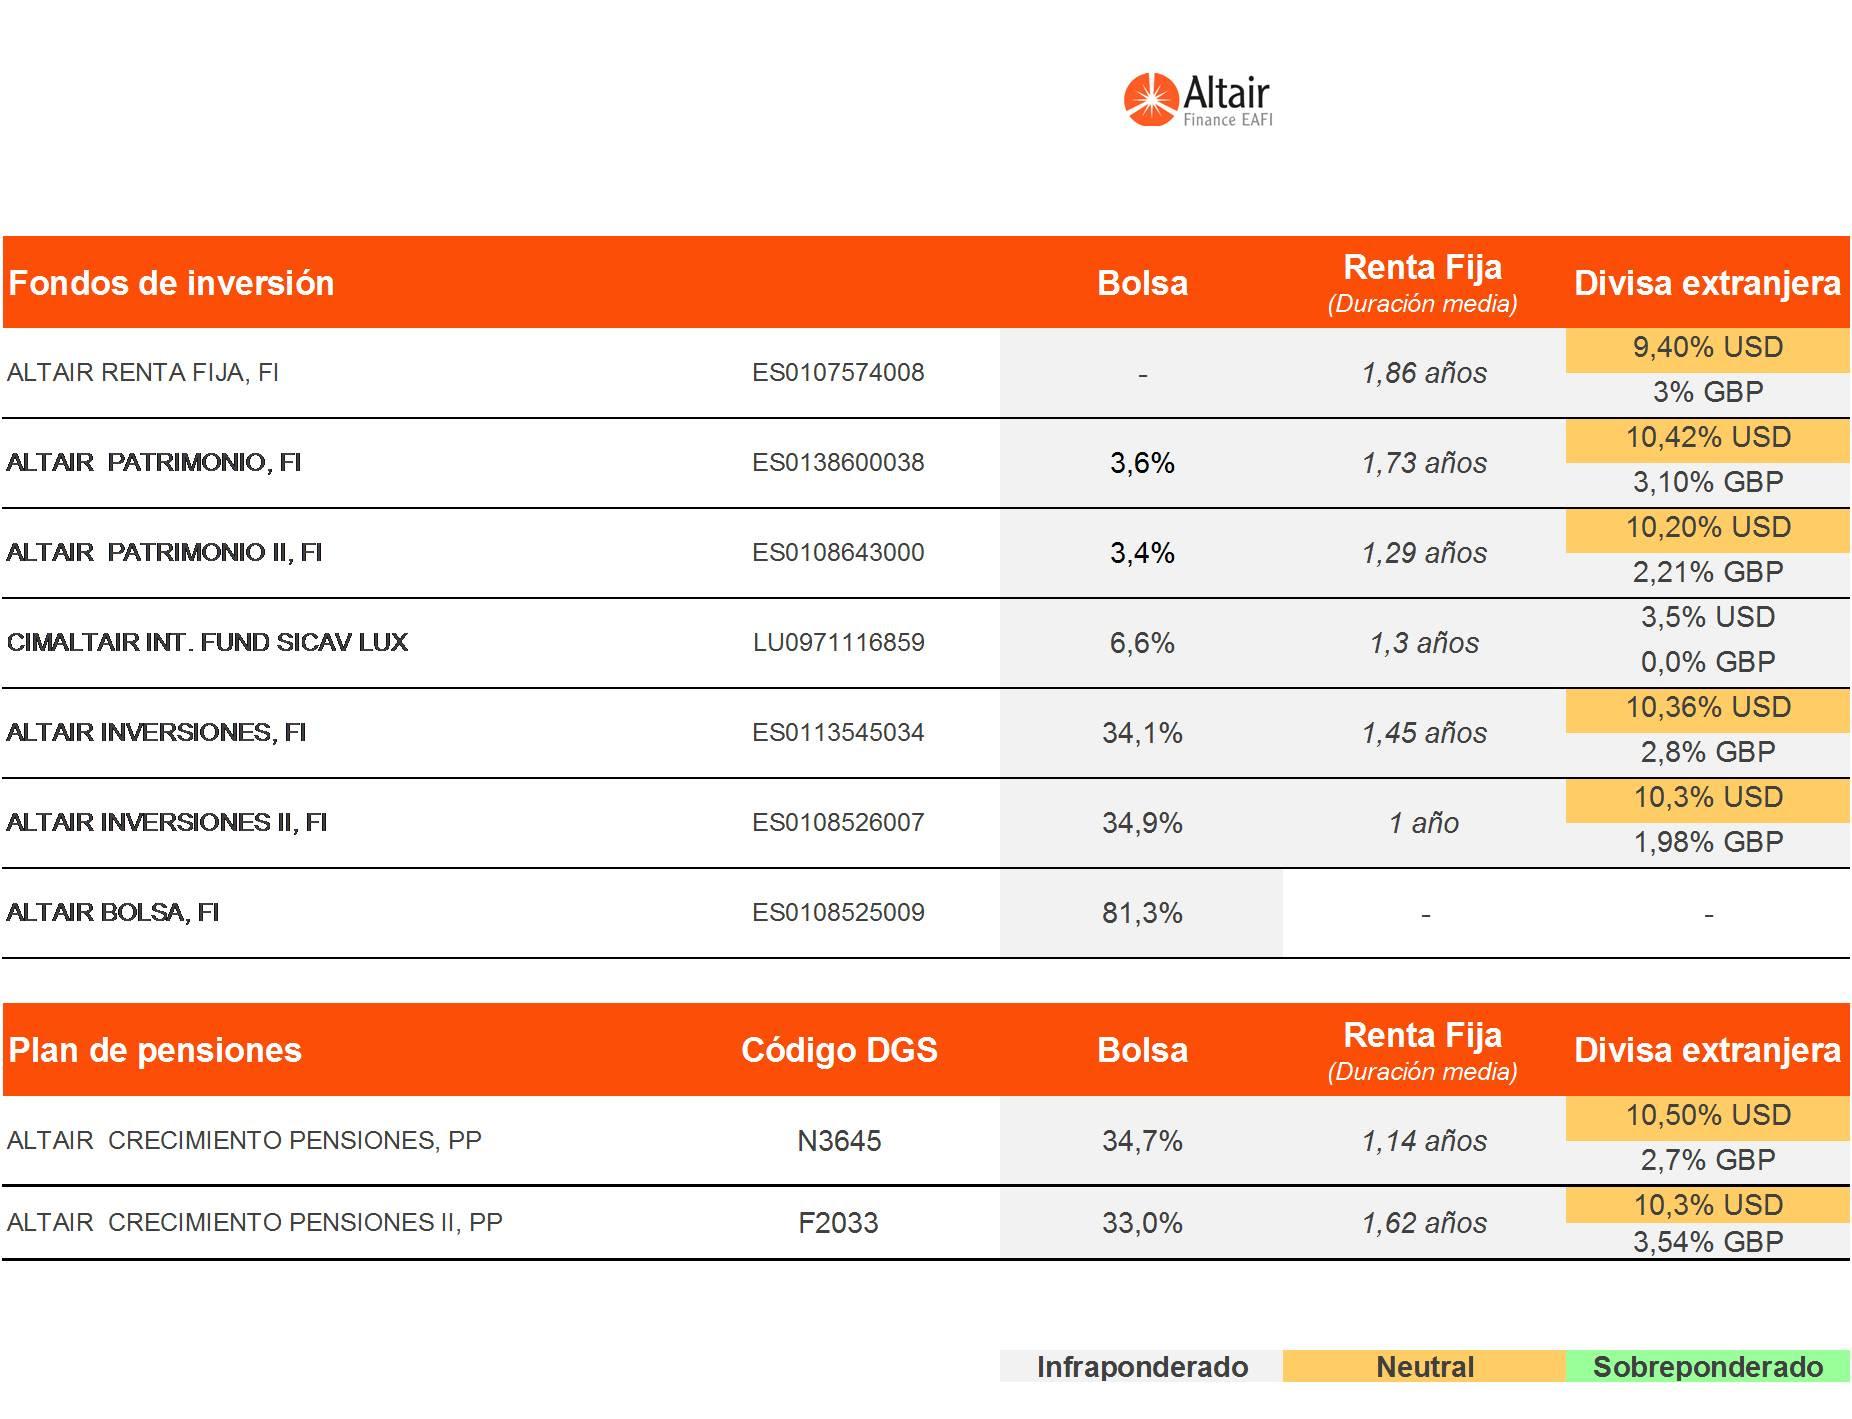 posicionamiento-de-fondos-de-inversion-asesorados-por-altair-finance-22-septiembre